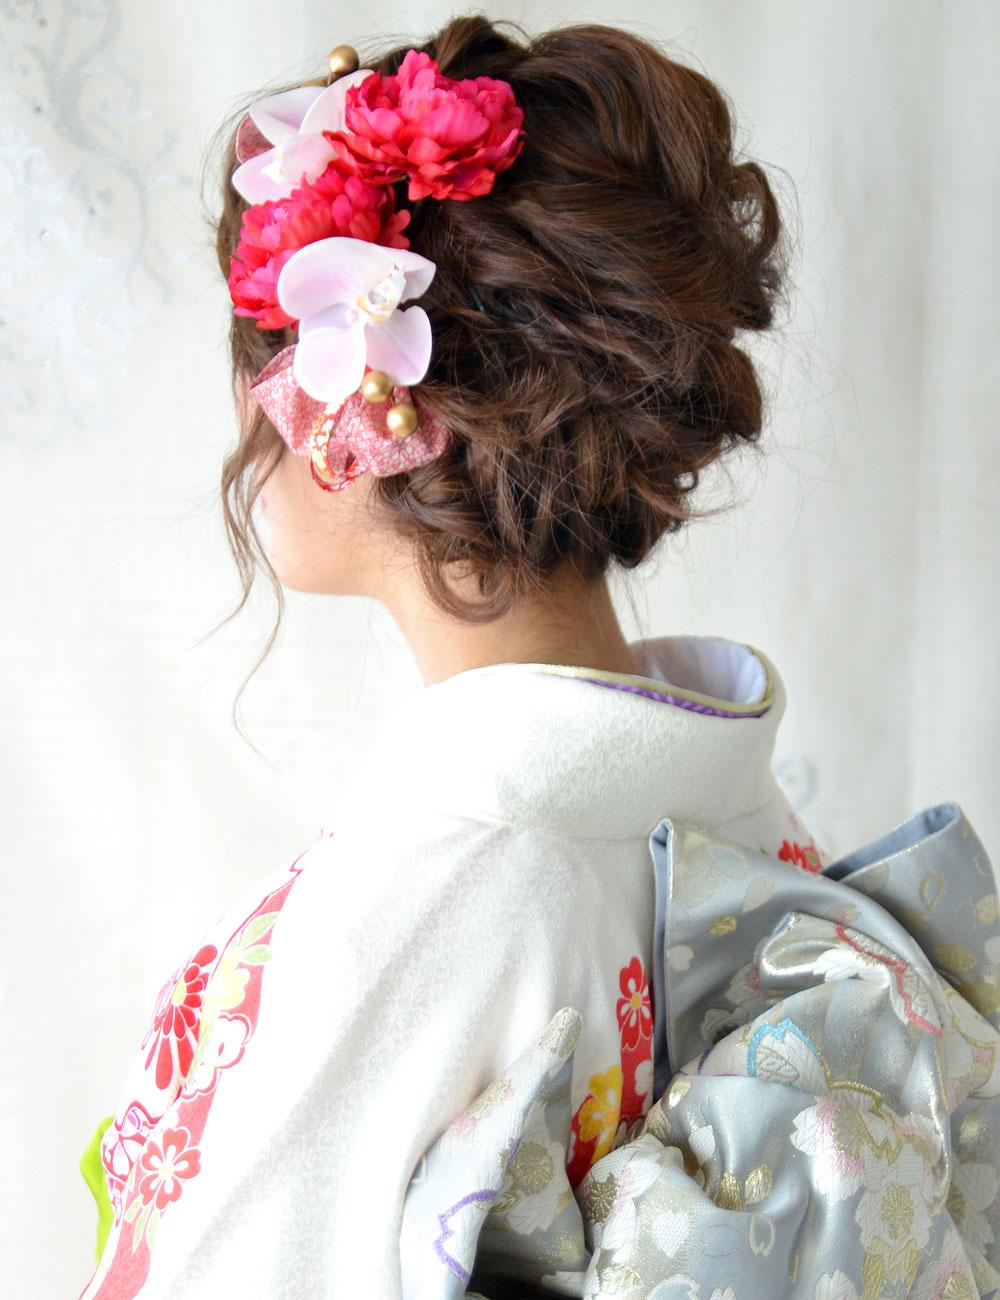 ヘッドドレス成人式 髪飾り【伊万里 いまり】小春シリーズ